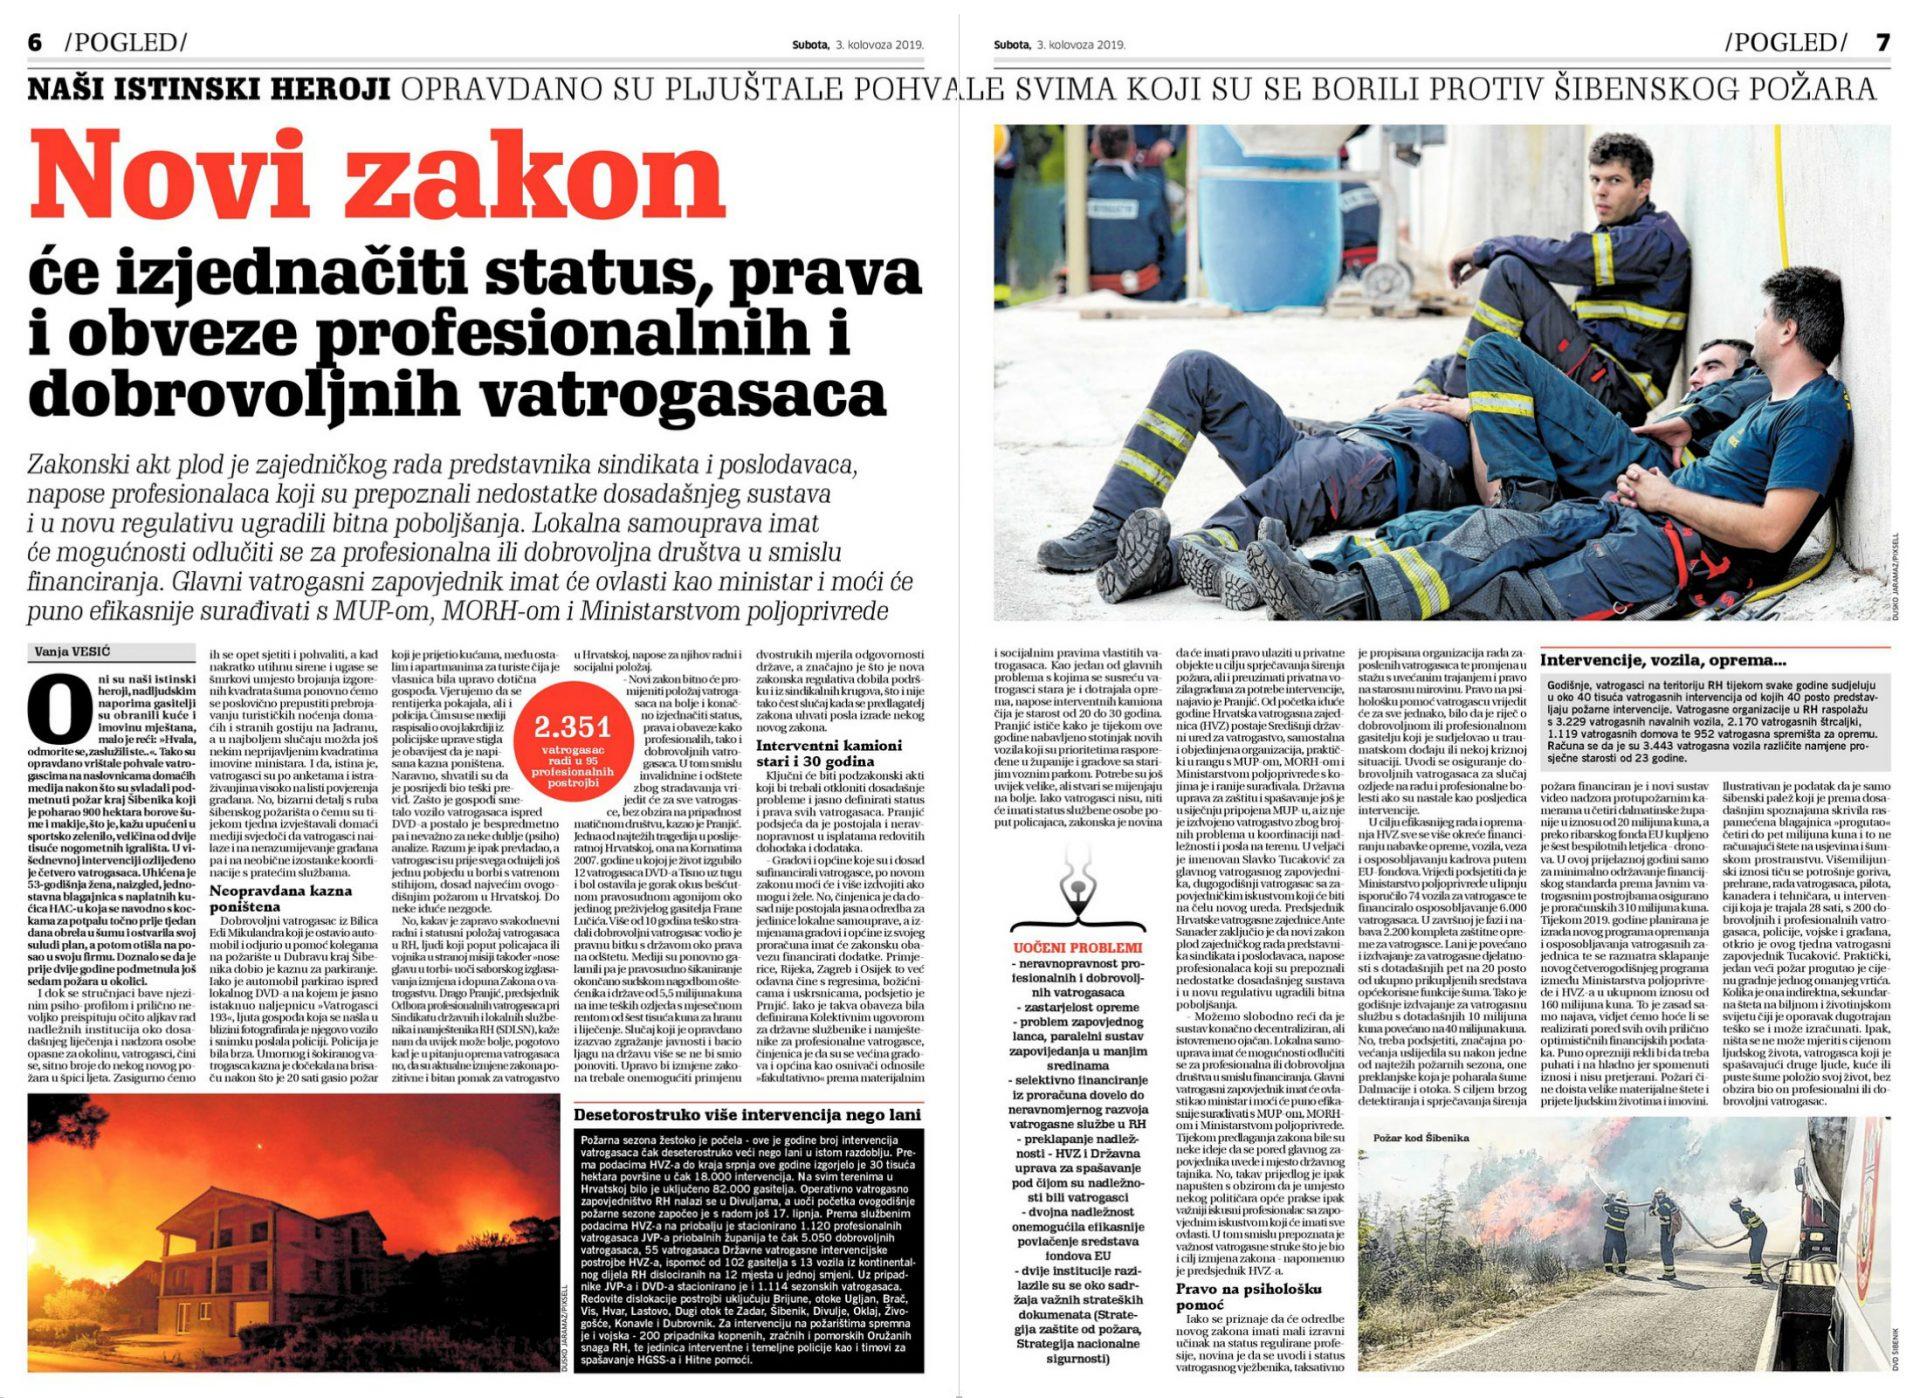 NOVI LIST o budućem ustroju vatrogastva